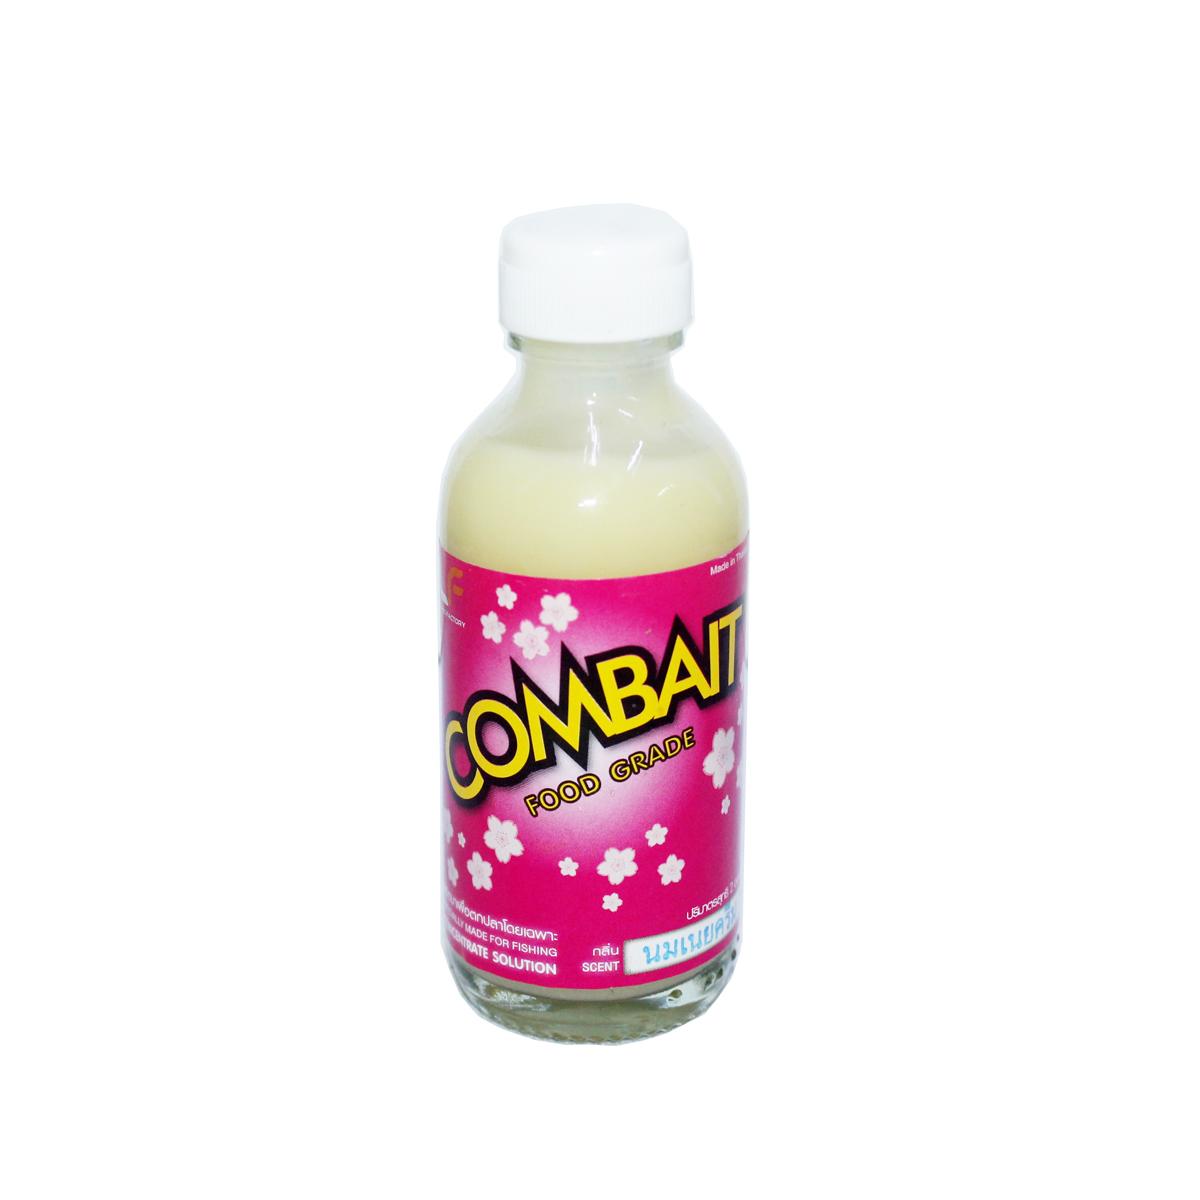 Tinh Dầu Tạo Mùi Thơm Câu Cá Thái Lan Combait Hương Bơ Sữa